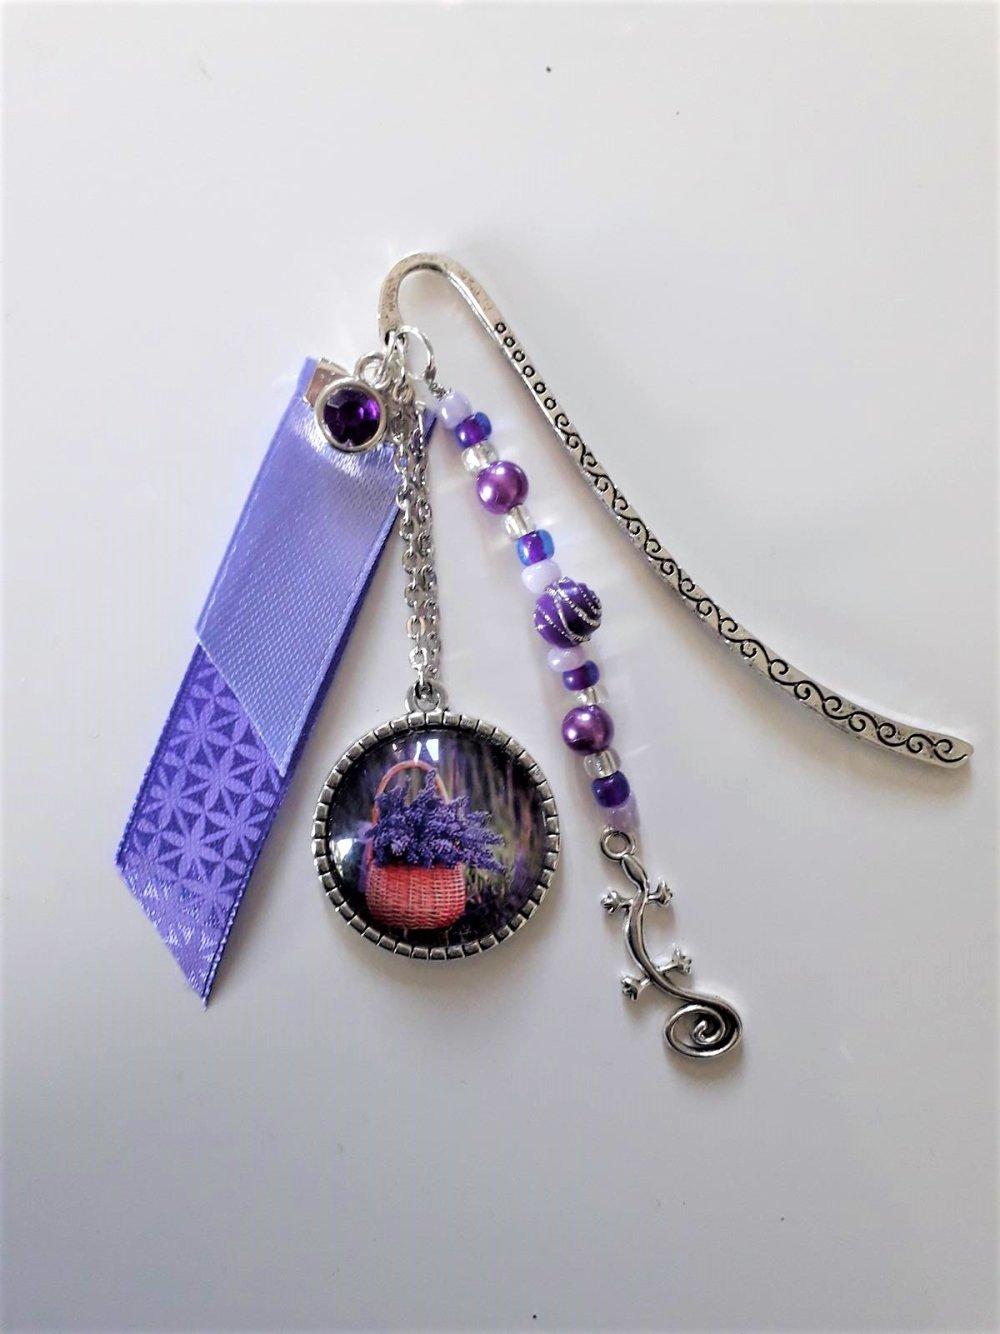 Marque page fait main breloque tarente, cabochon lavande, rubans et perles violet